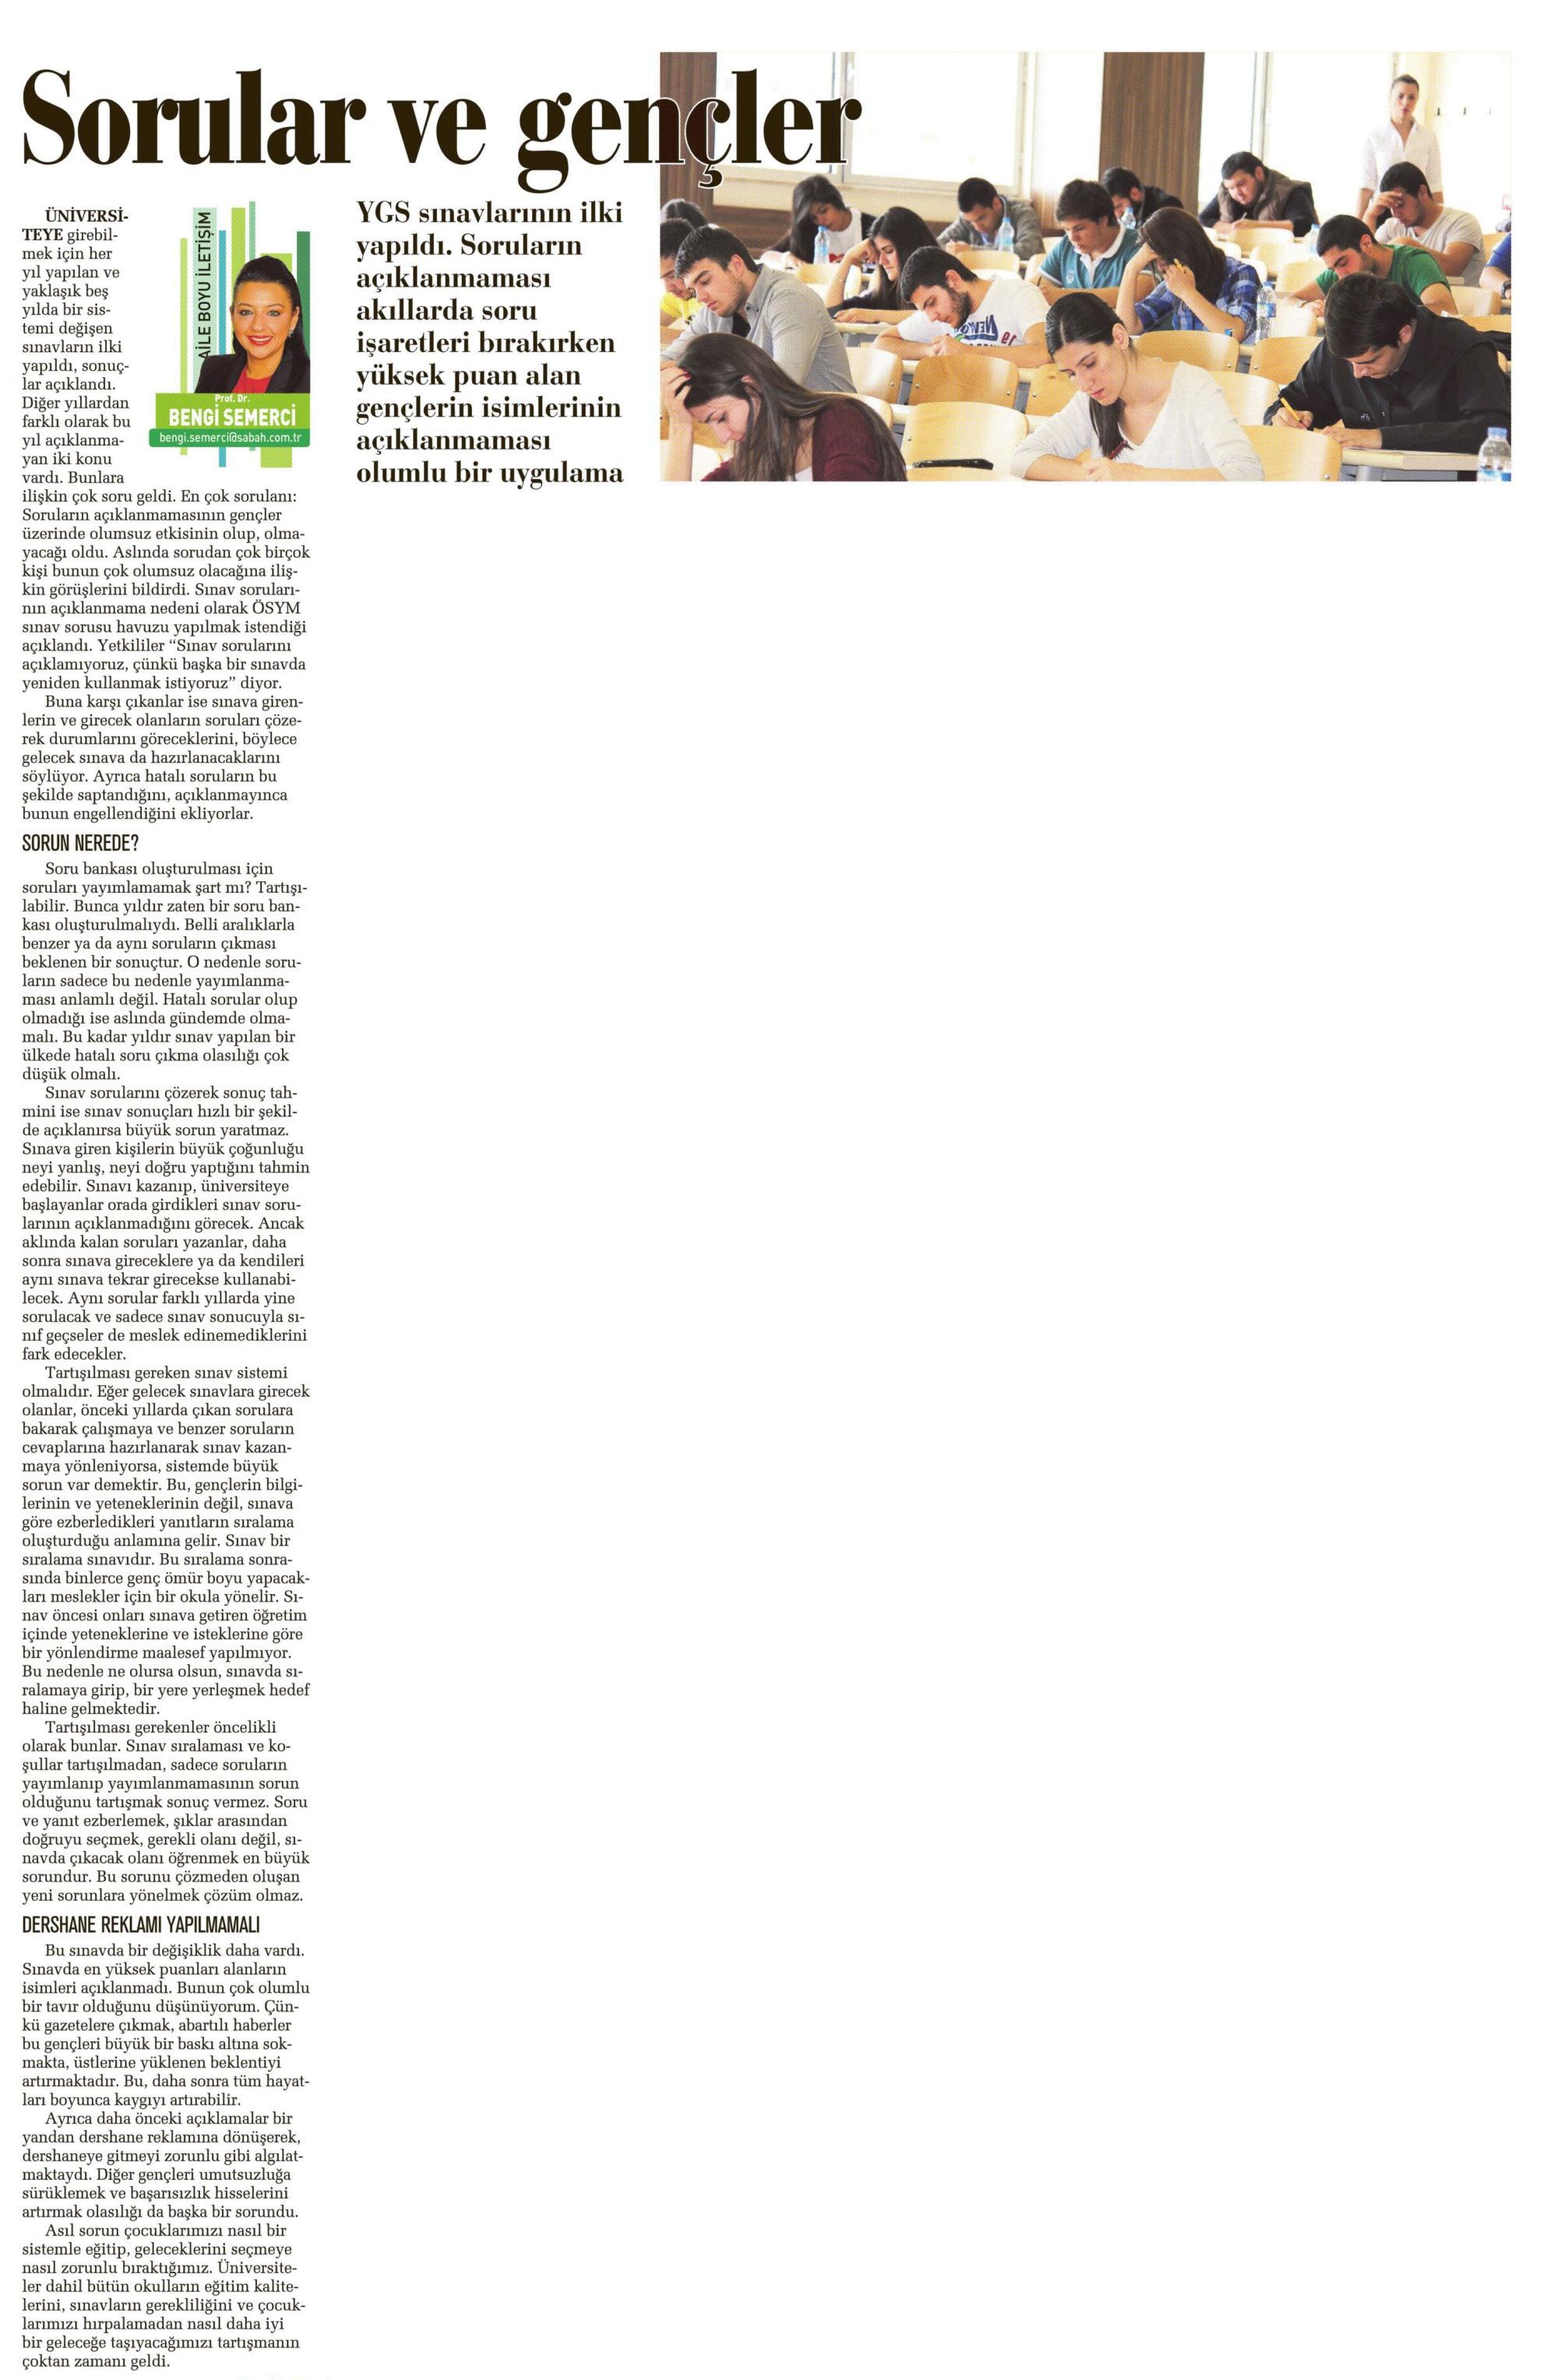 Sorular ve gençler - SABAH CUMARTESİ 05.04.2014